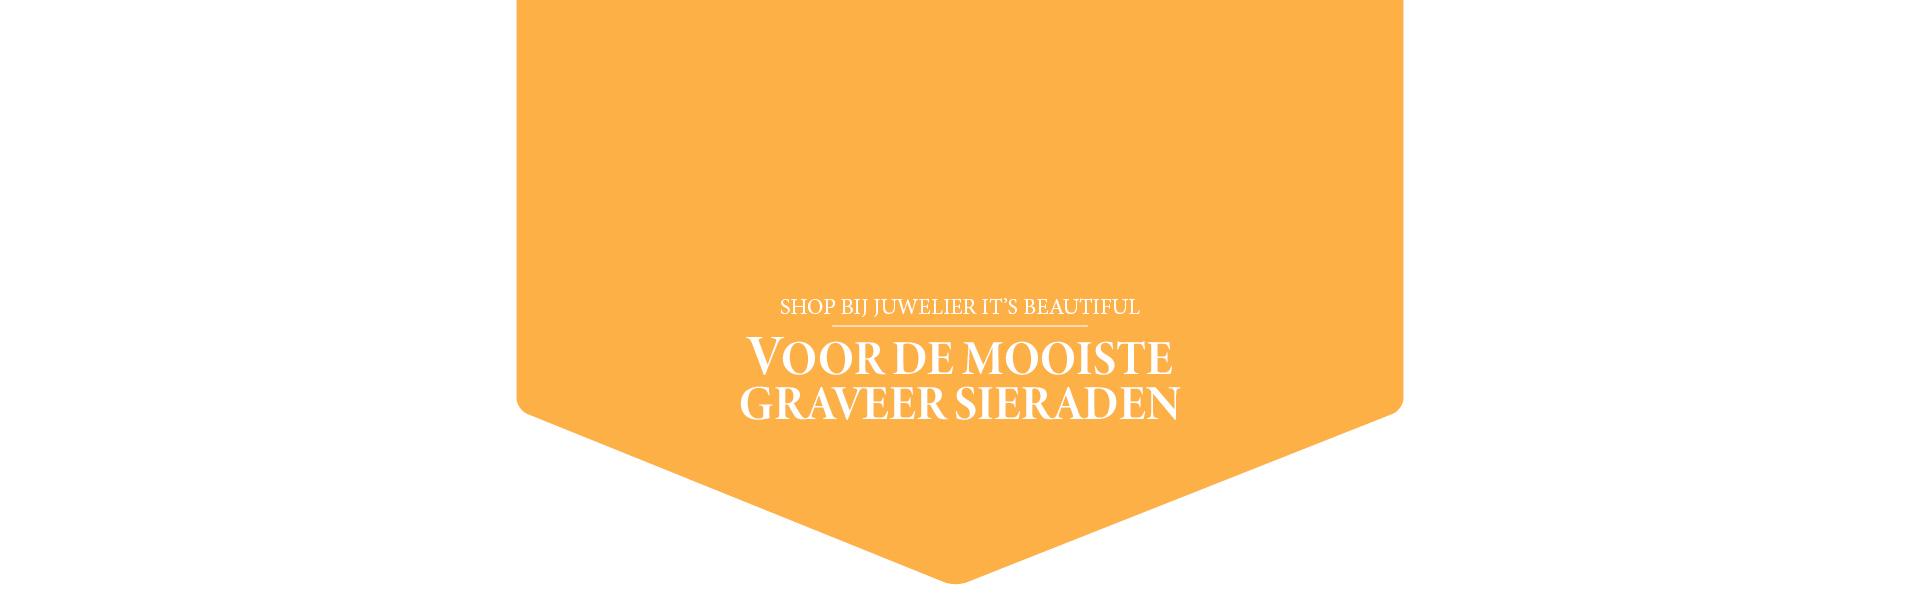 De mooiste graveersieraden shopt u bij juwelier It's Beautiful